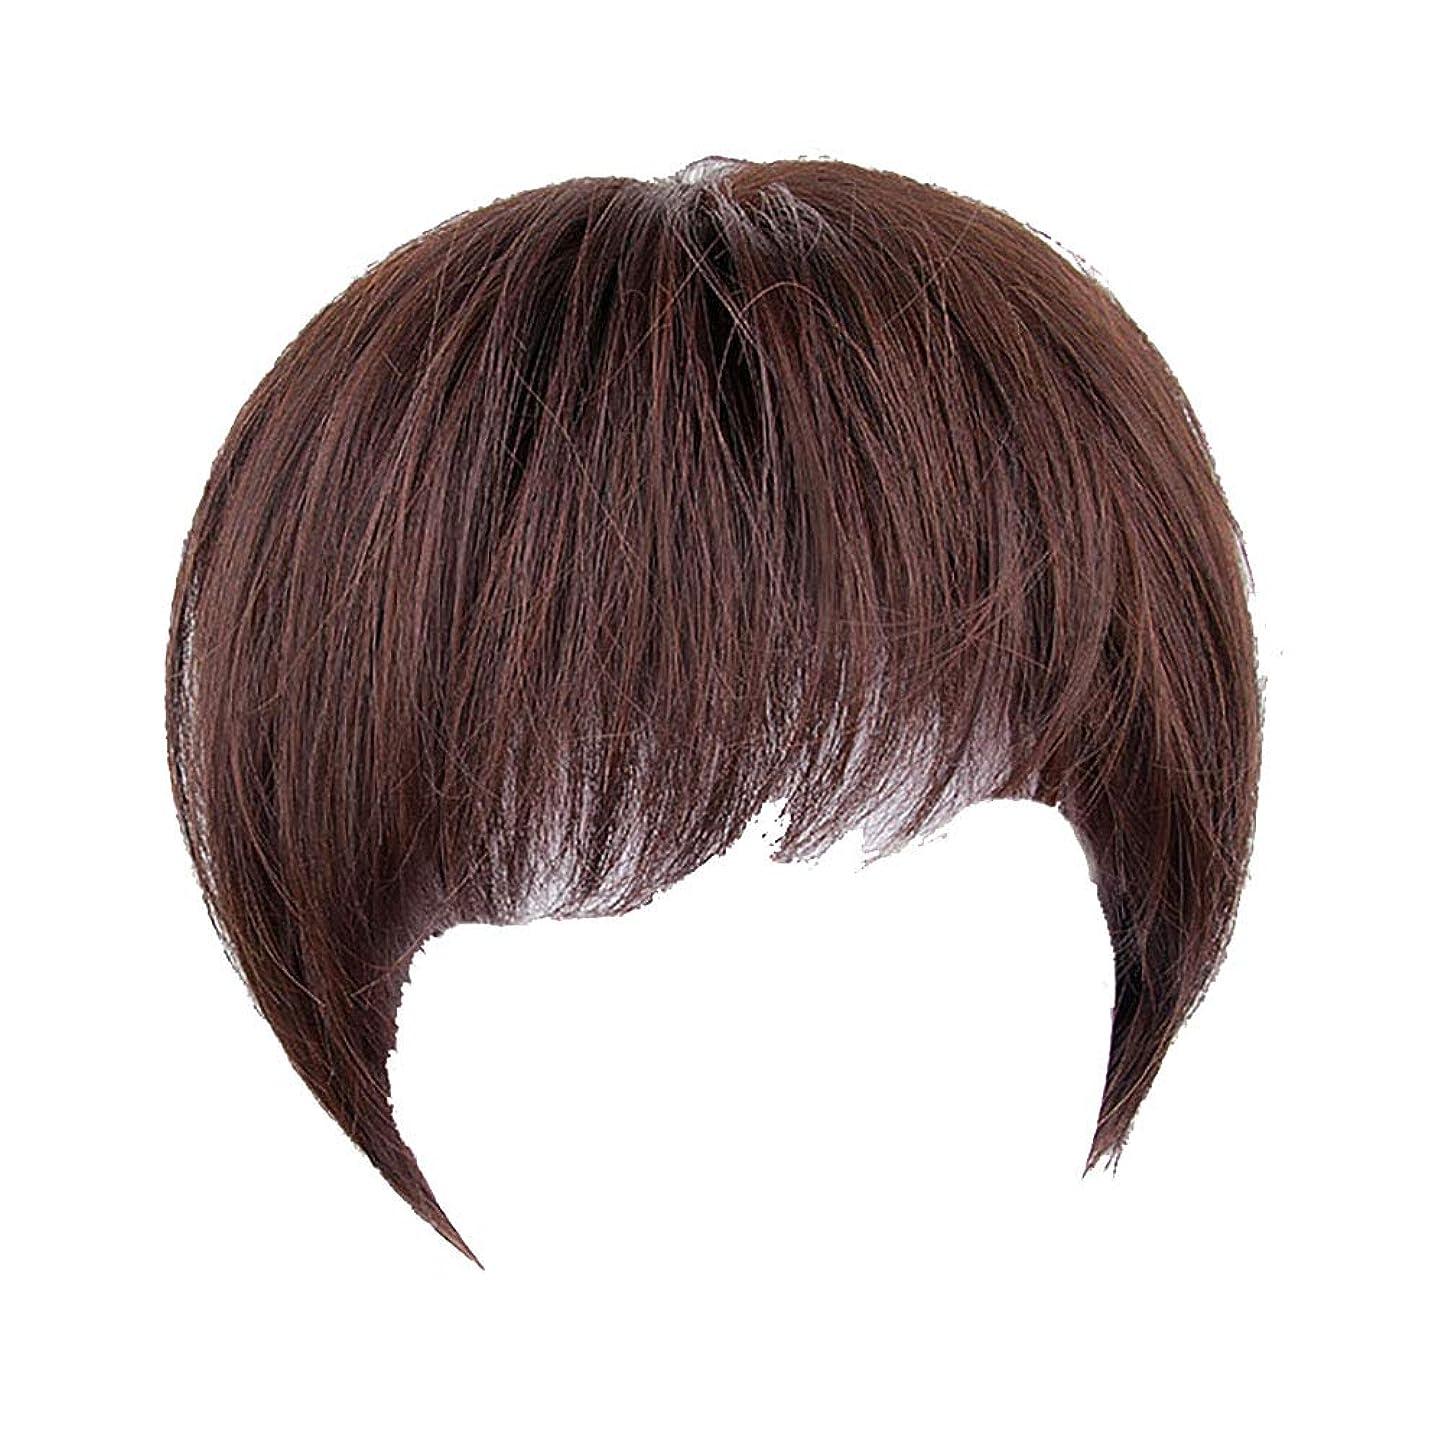 入場料陰気有効なかつらの女性の短い髪の2つのファッションは、自然な短いストレートの髪のファッションハンサムな偽の頭飾り